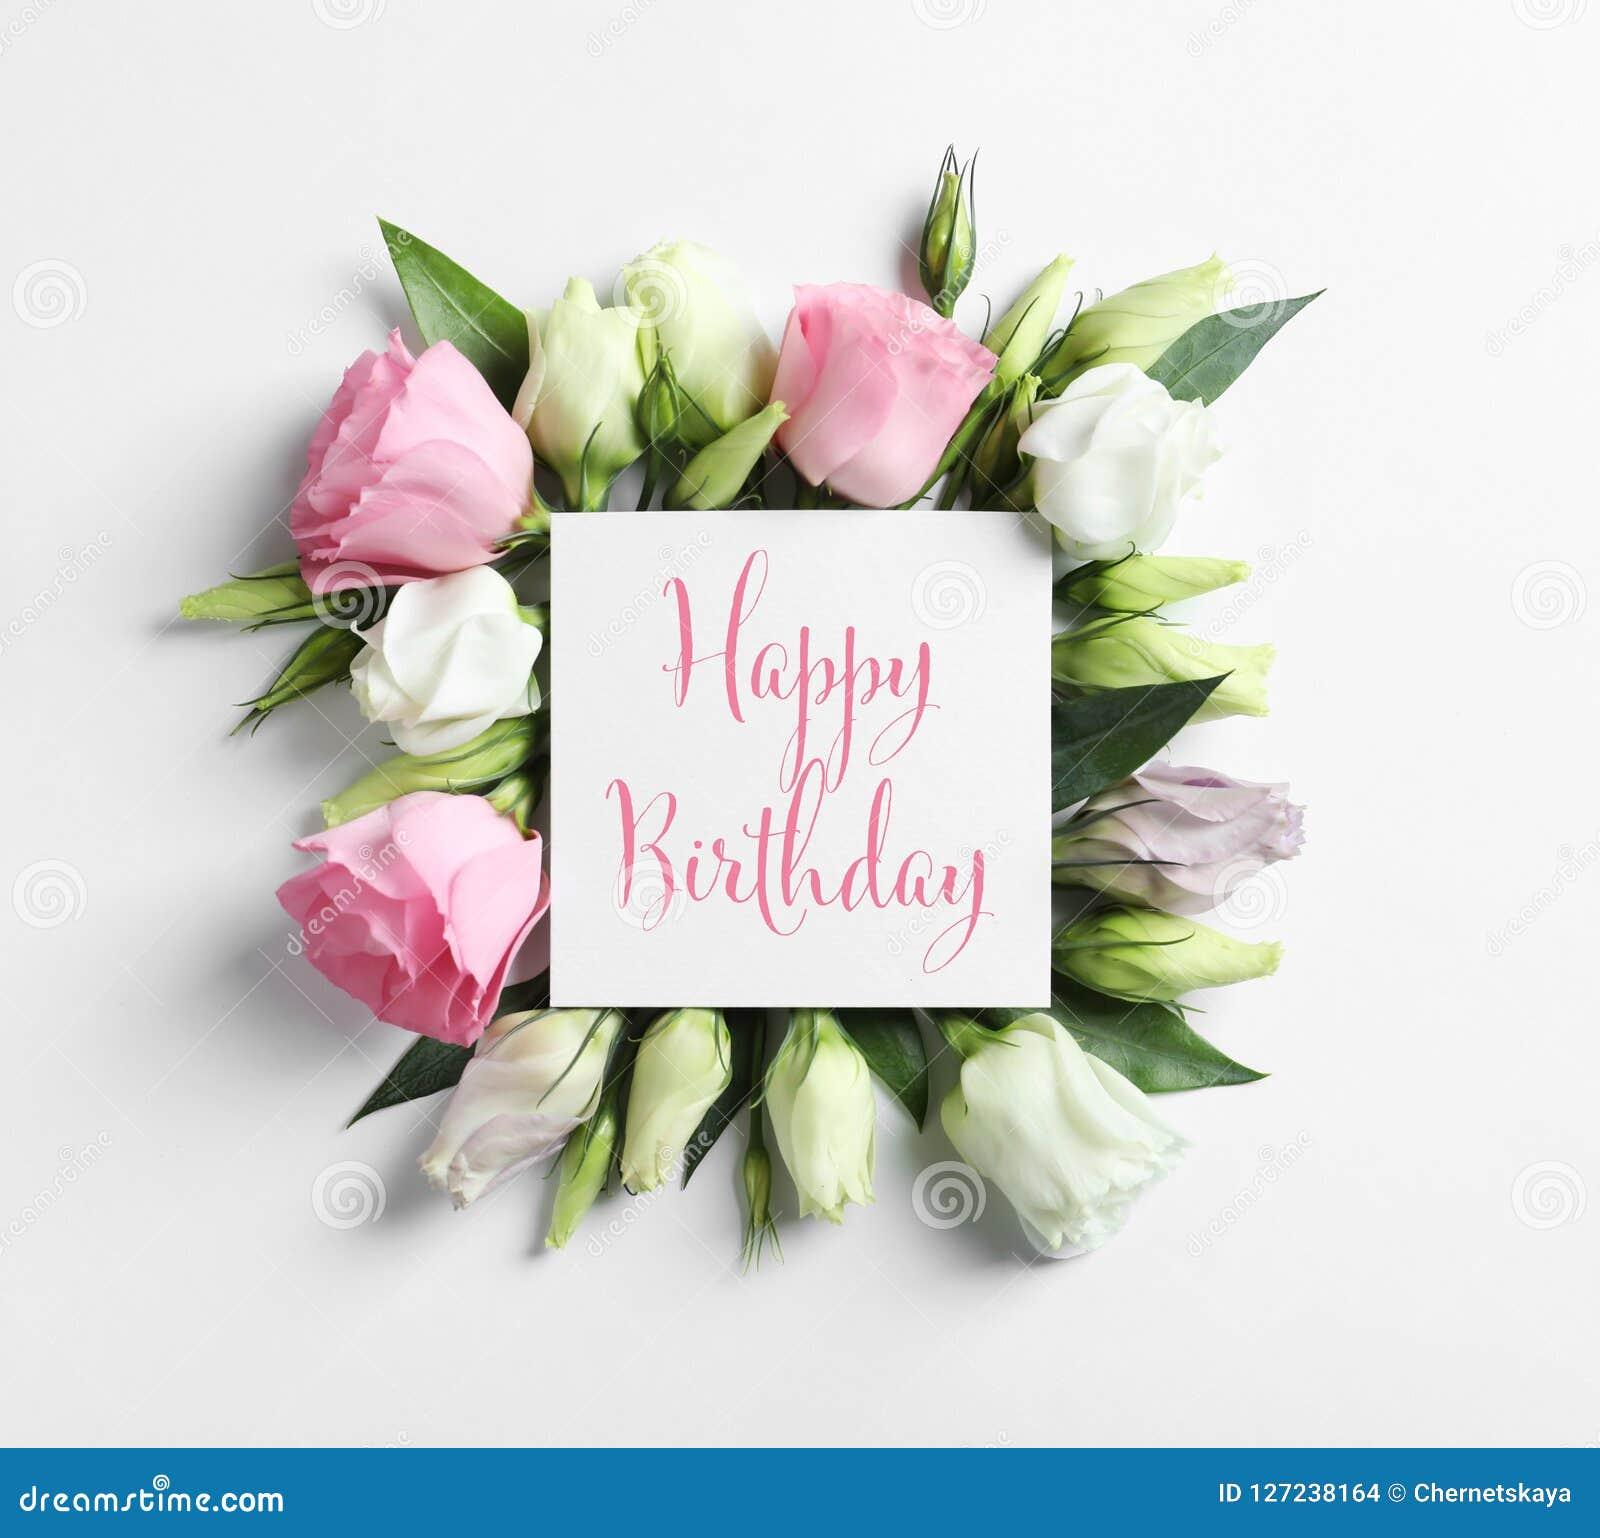 Immagini Fiori Buon Compleanno